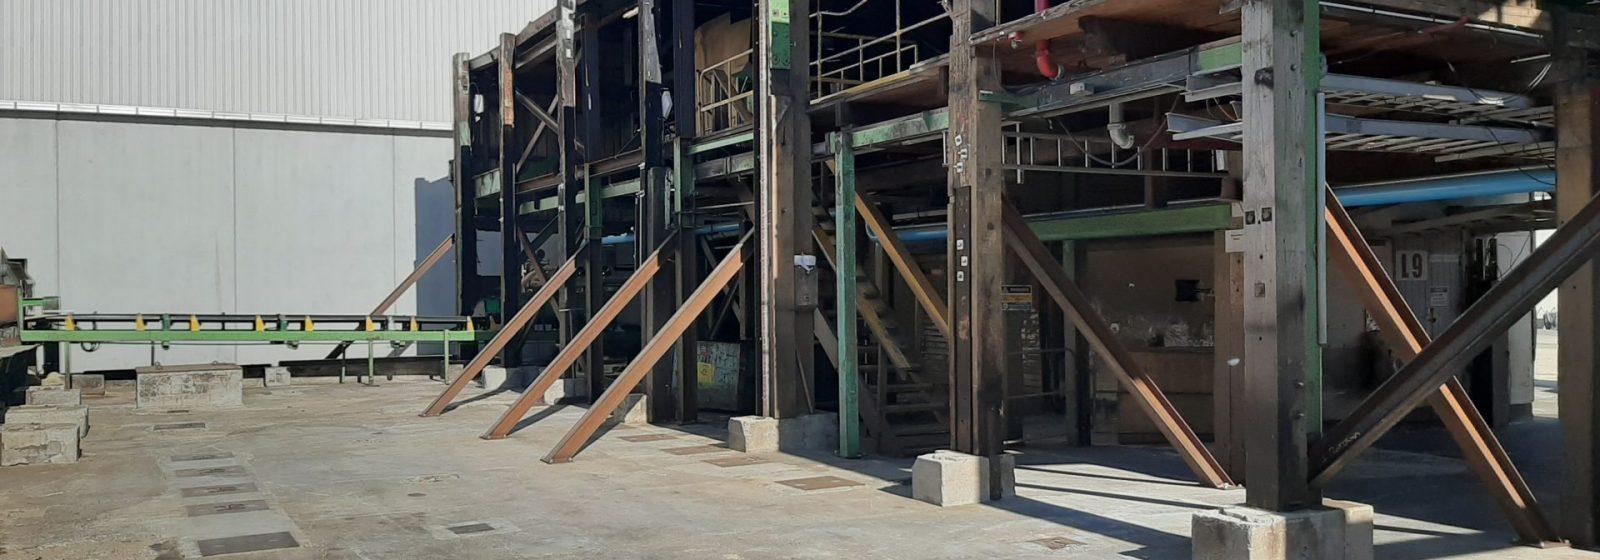 Bin Sorter Building Temporary Works Design - Header Image